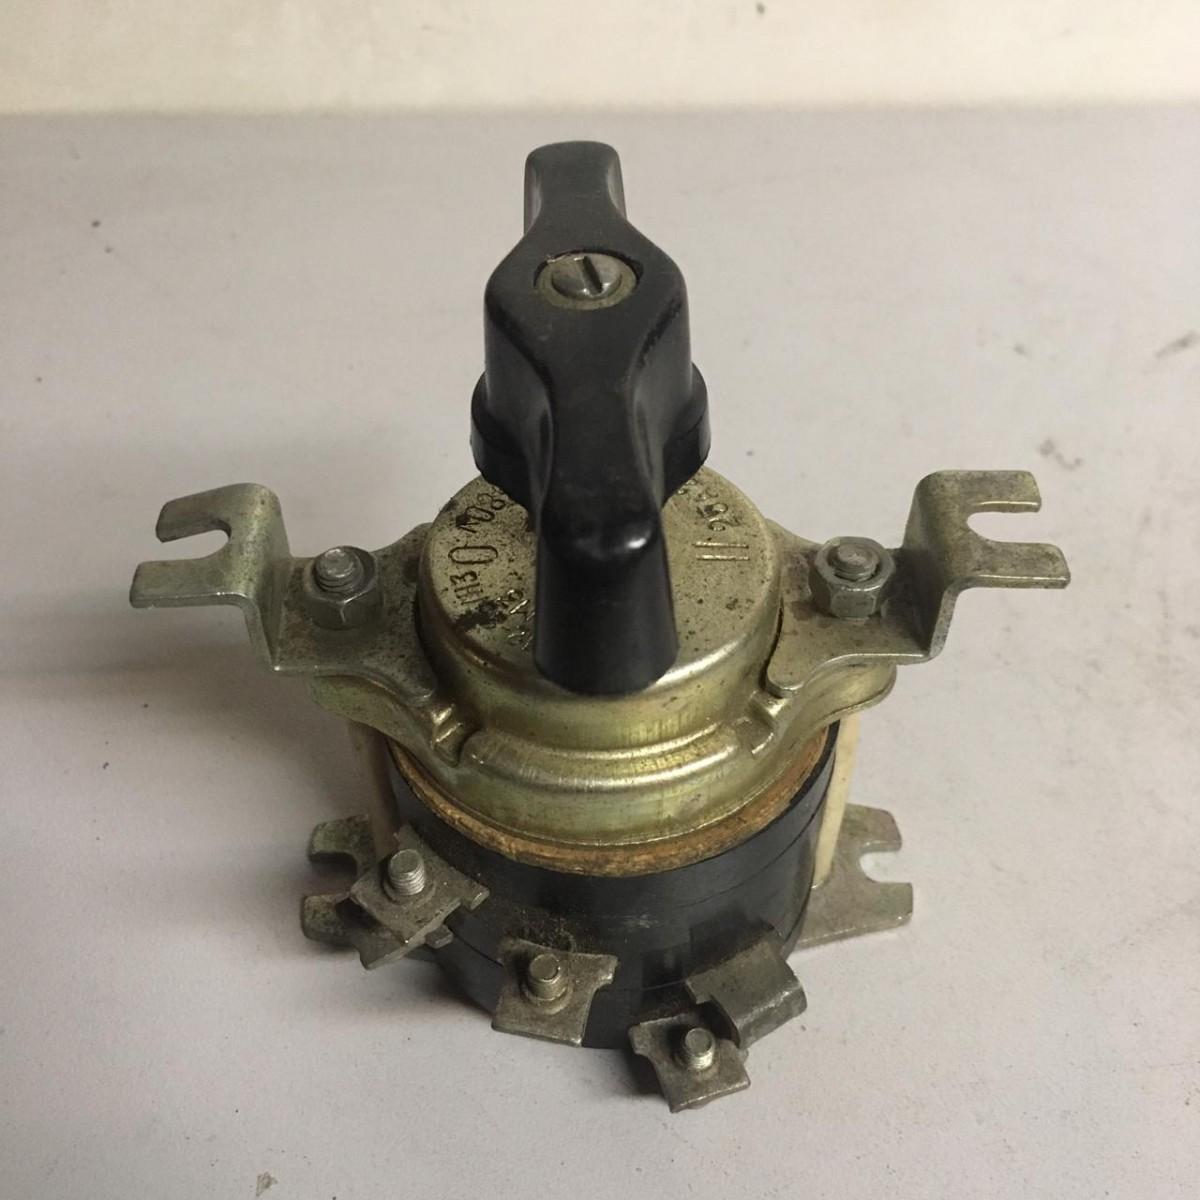 PPM2-25 batch switch